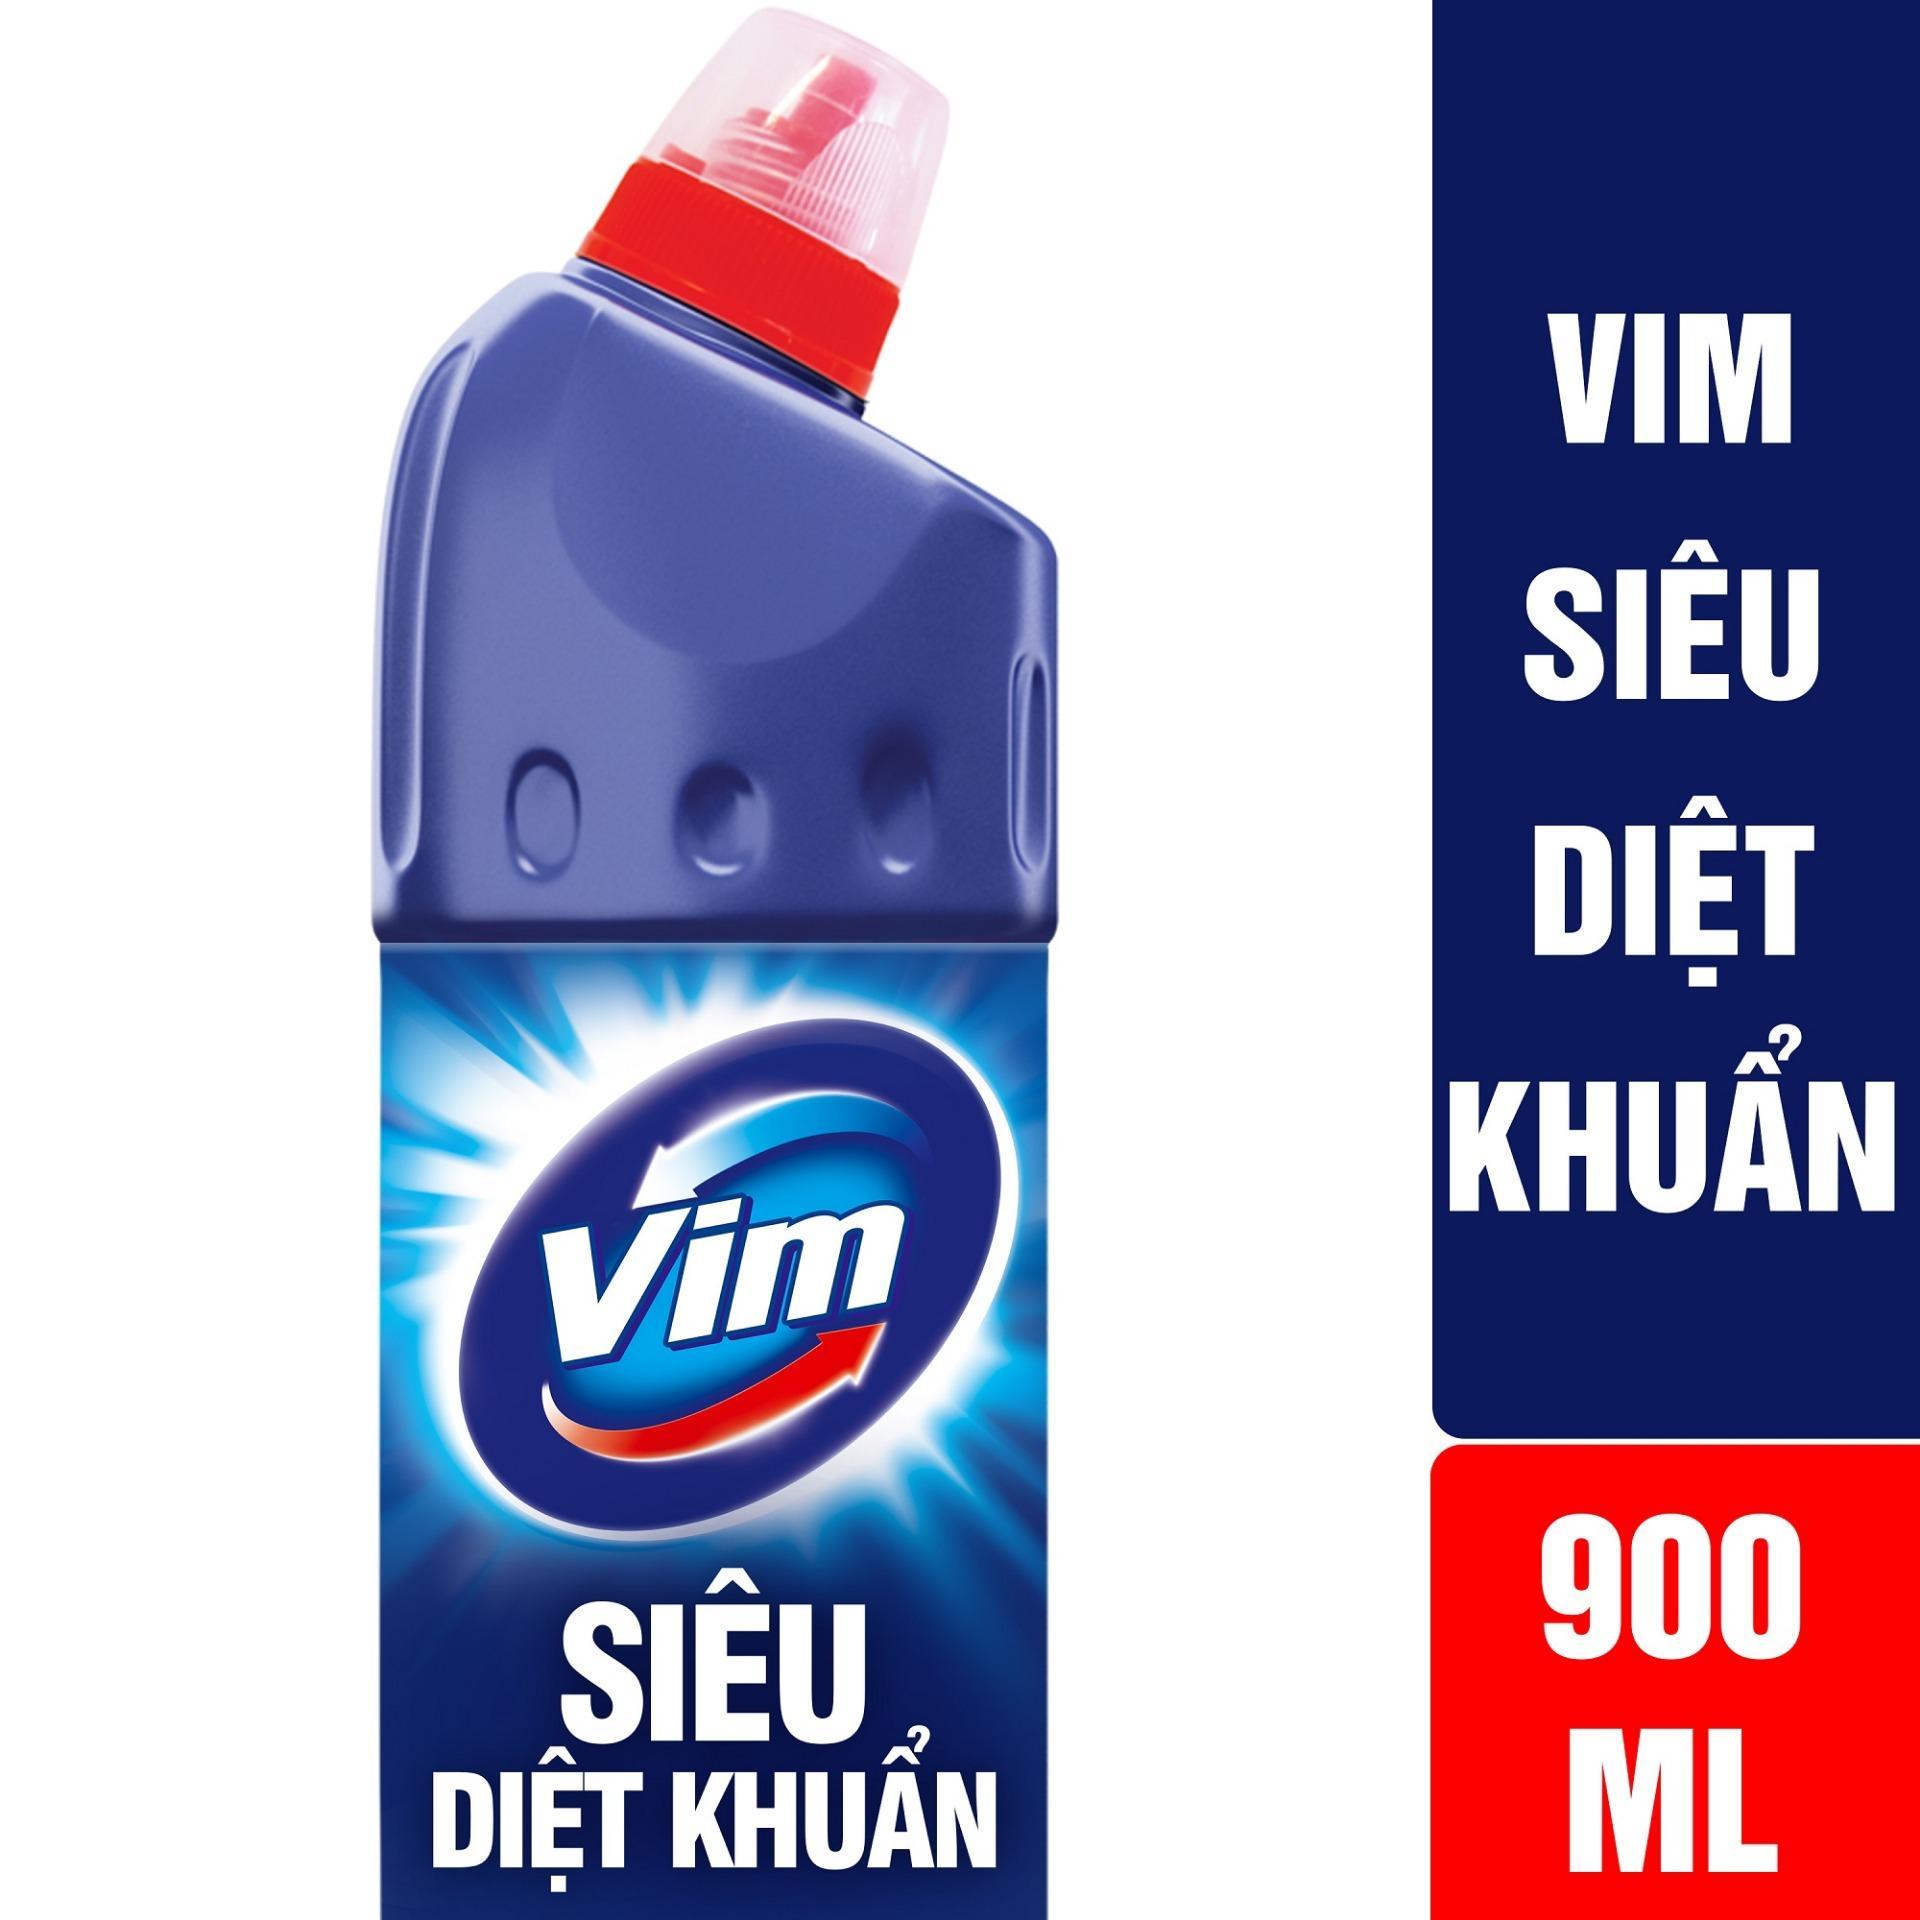 ChẤt TẨy RỬa BỒn CẦu Vim SiÊu DiỆt KhuẨn 900ml By Lazada Retail Unilever.